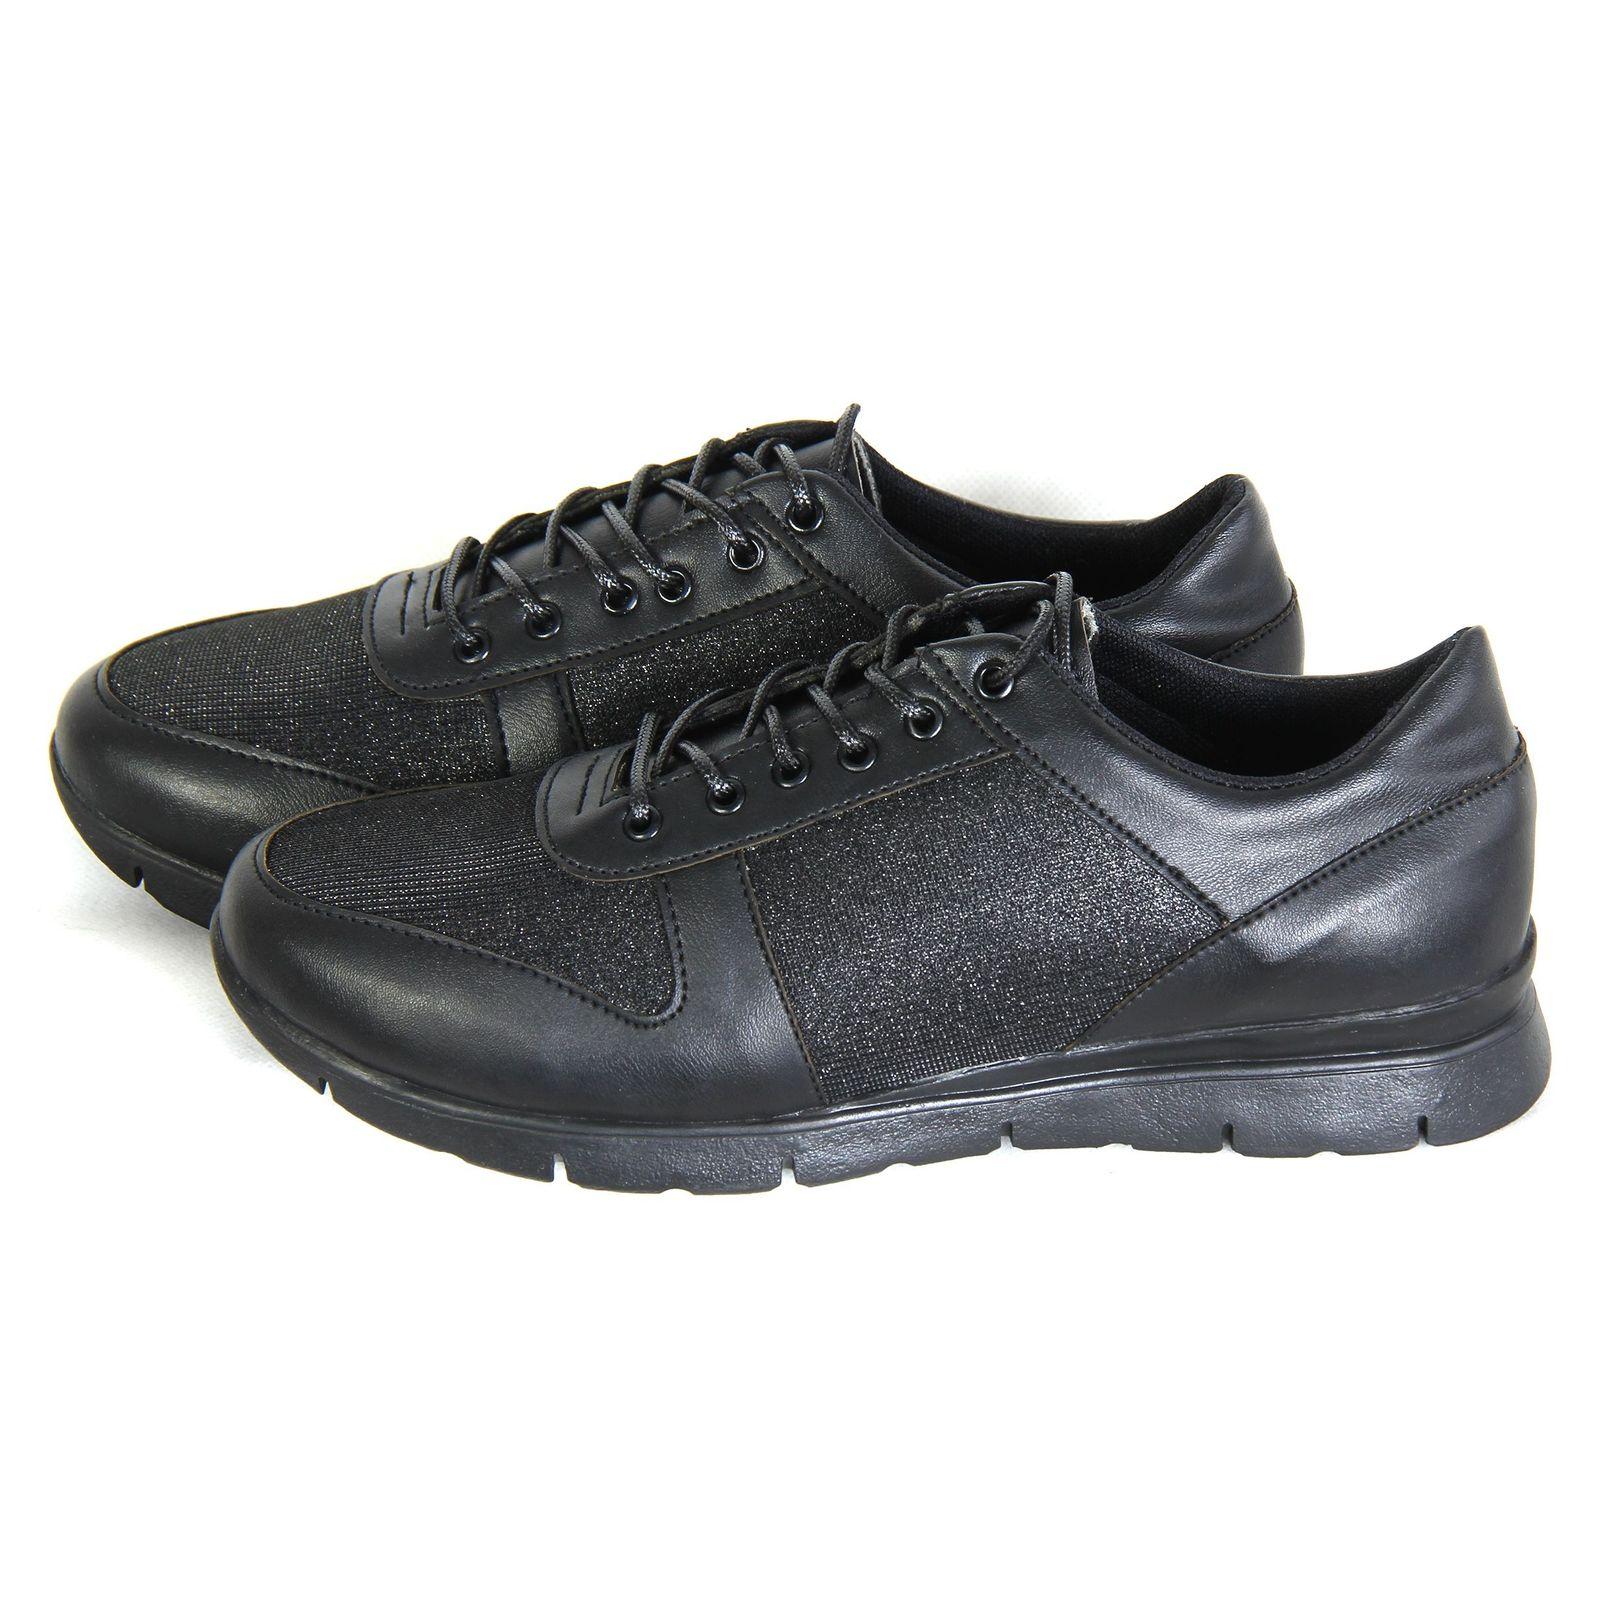 ست کیف و کفش زنانه کد 026  main 1 2